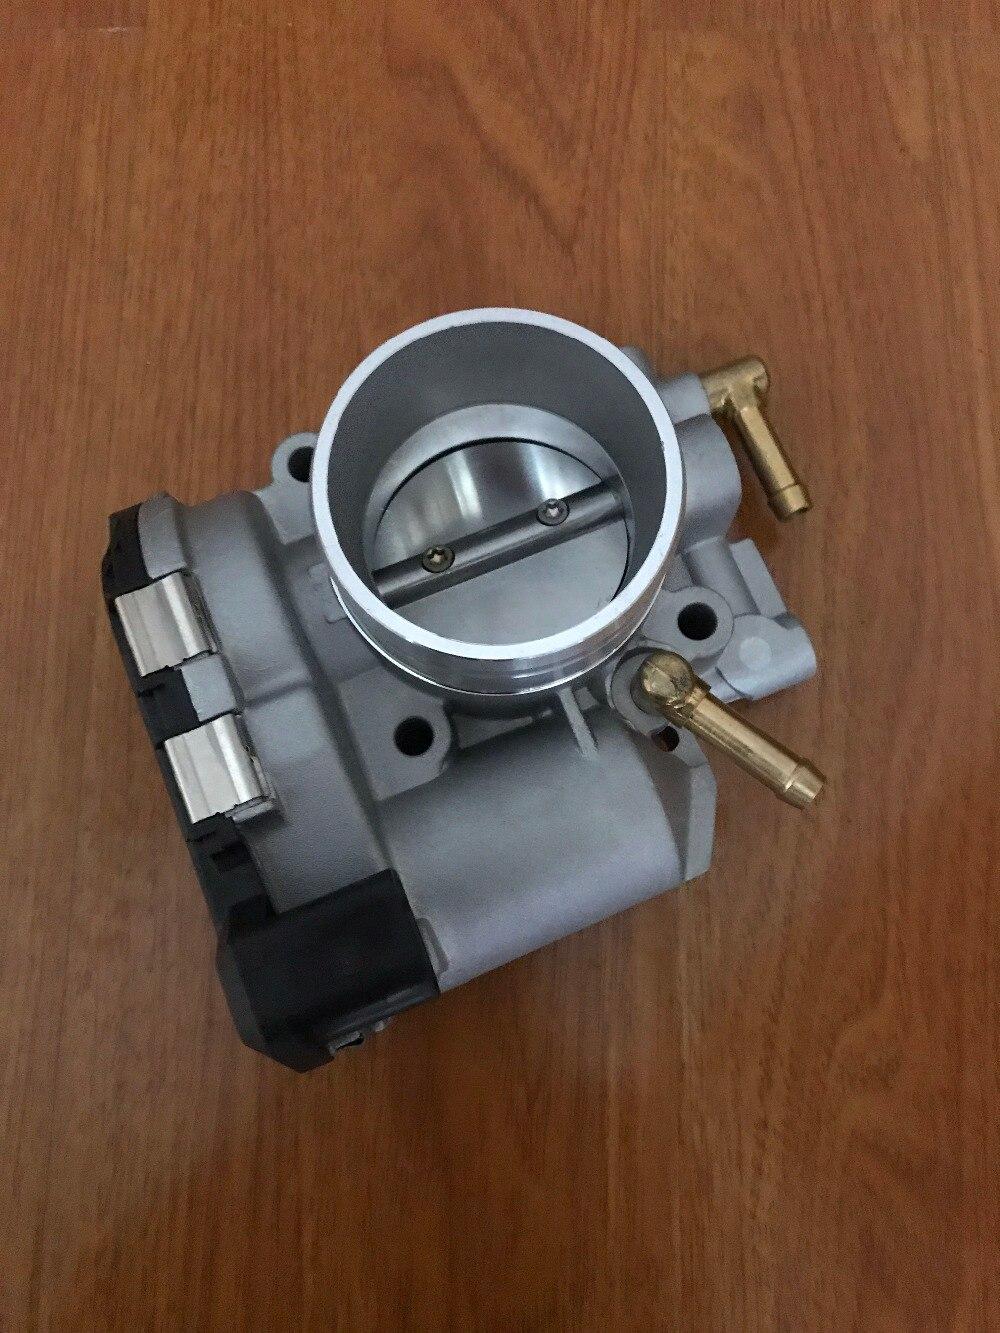 Corps d'accélérateur pour VW GOLF BARA LUPO JETTA AUDI A2 1.6 FSI 036133062D - 2